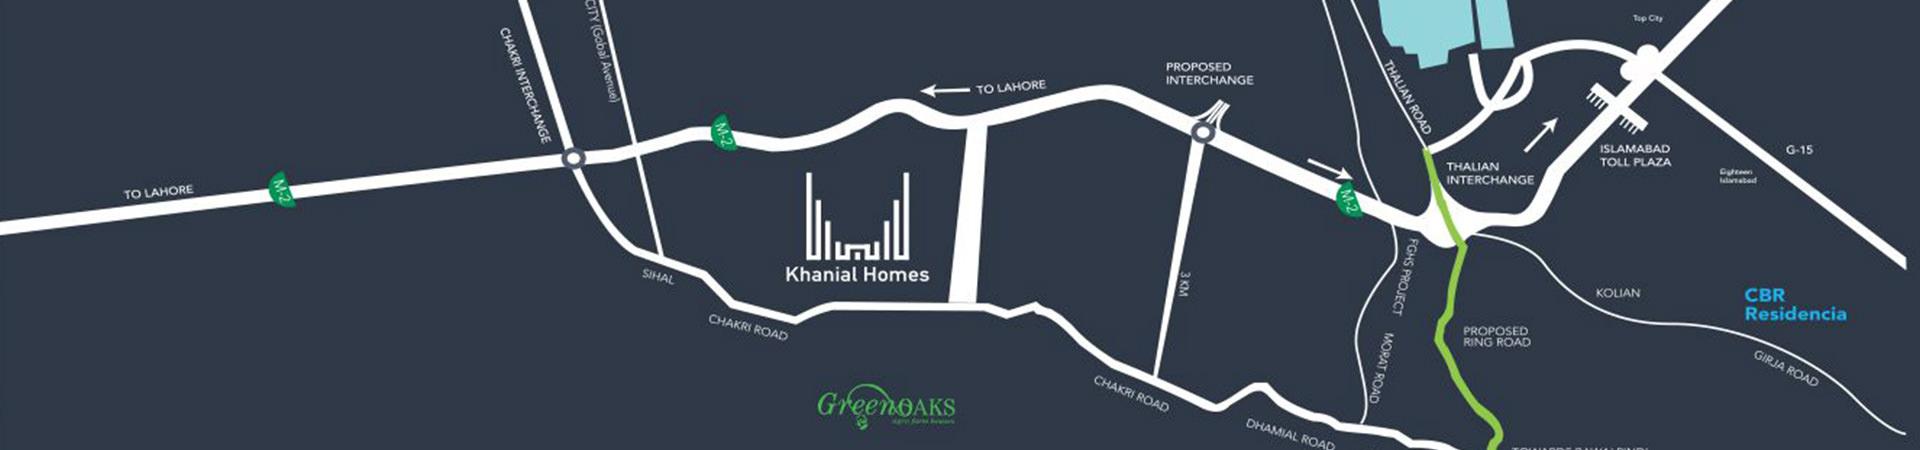 khanial homes economy block